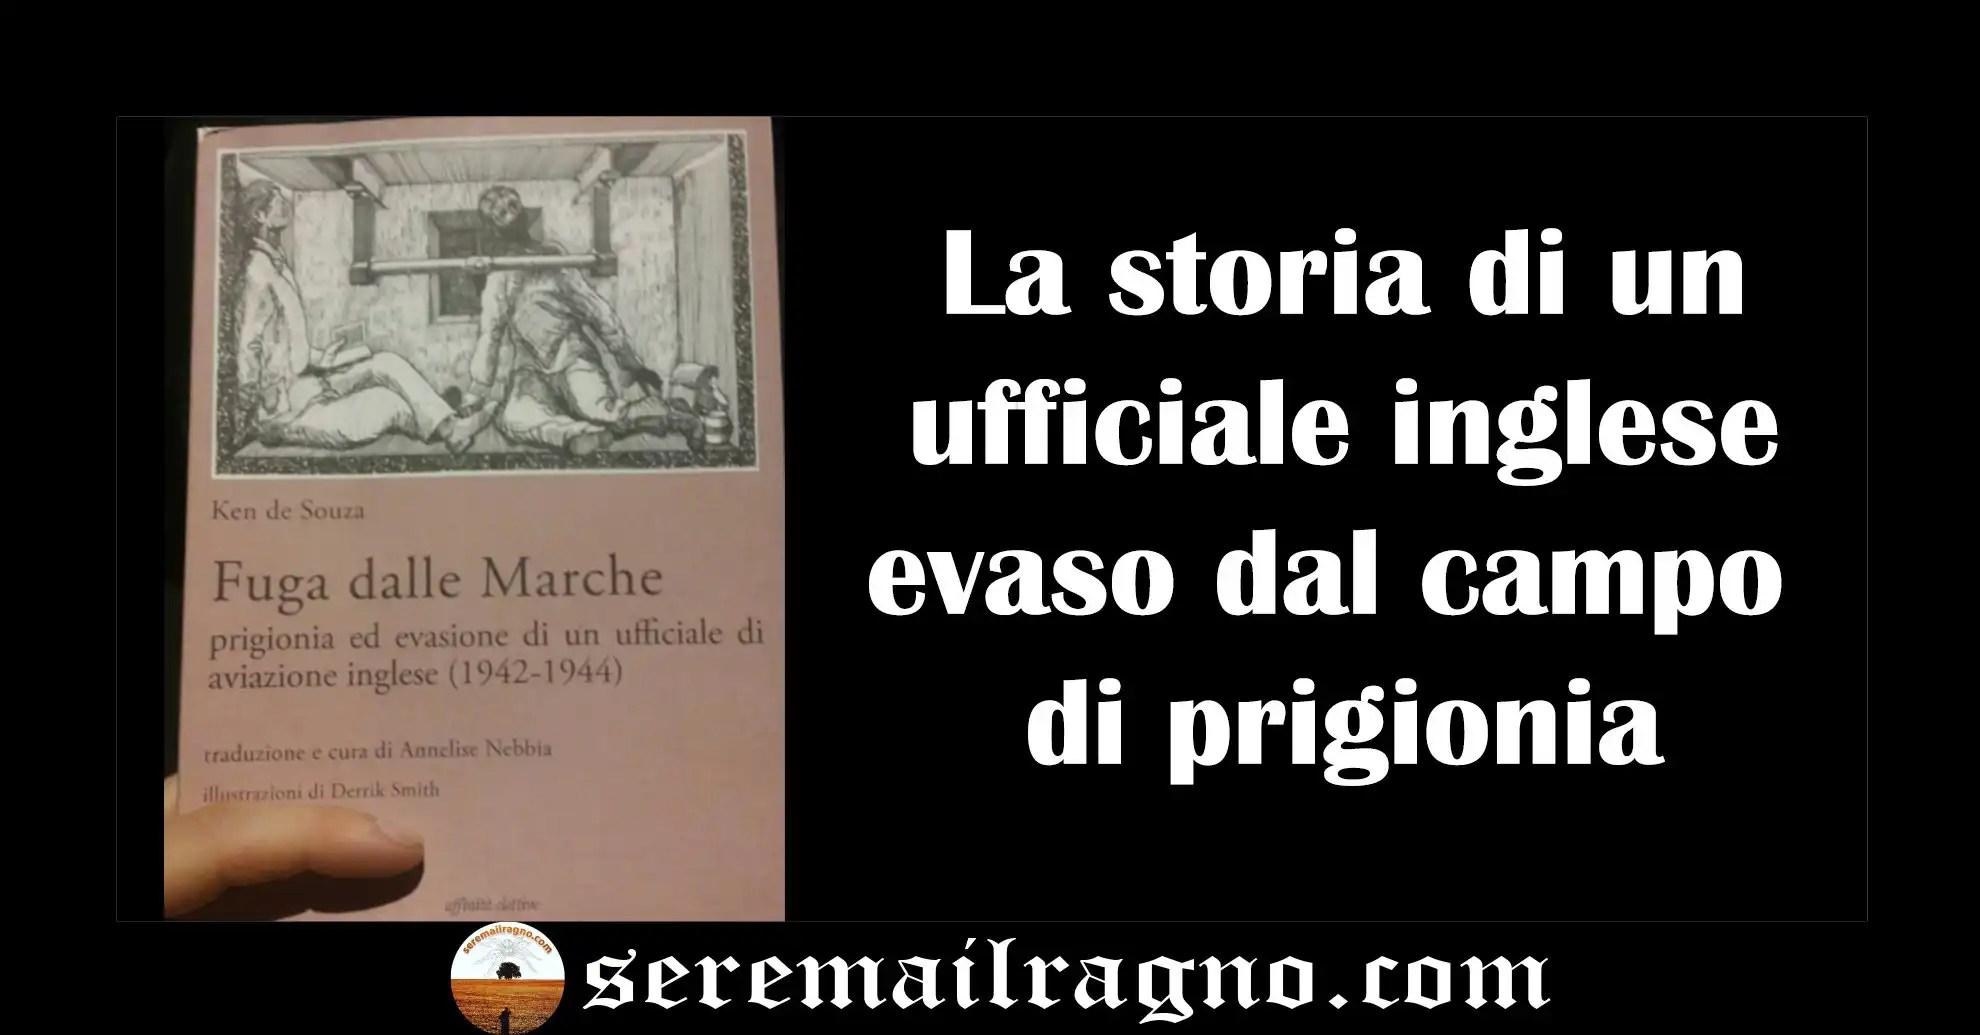 Escape from Ascoli (fuga dalle Marche)